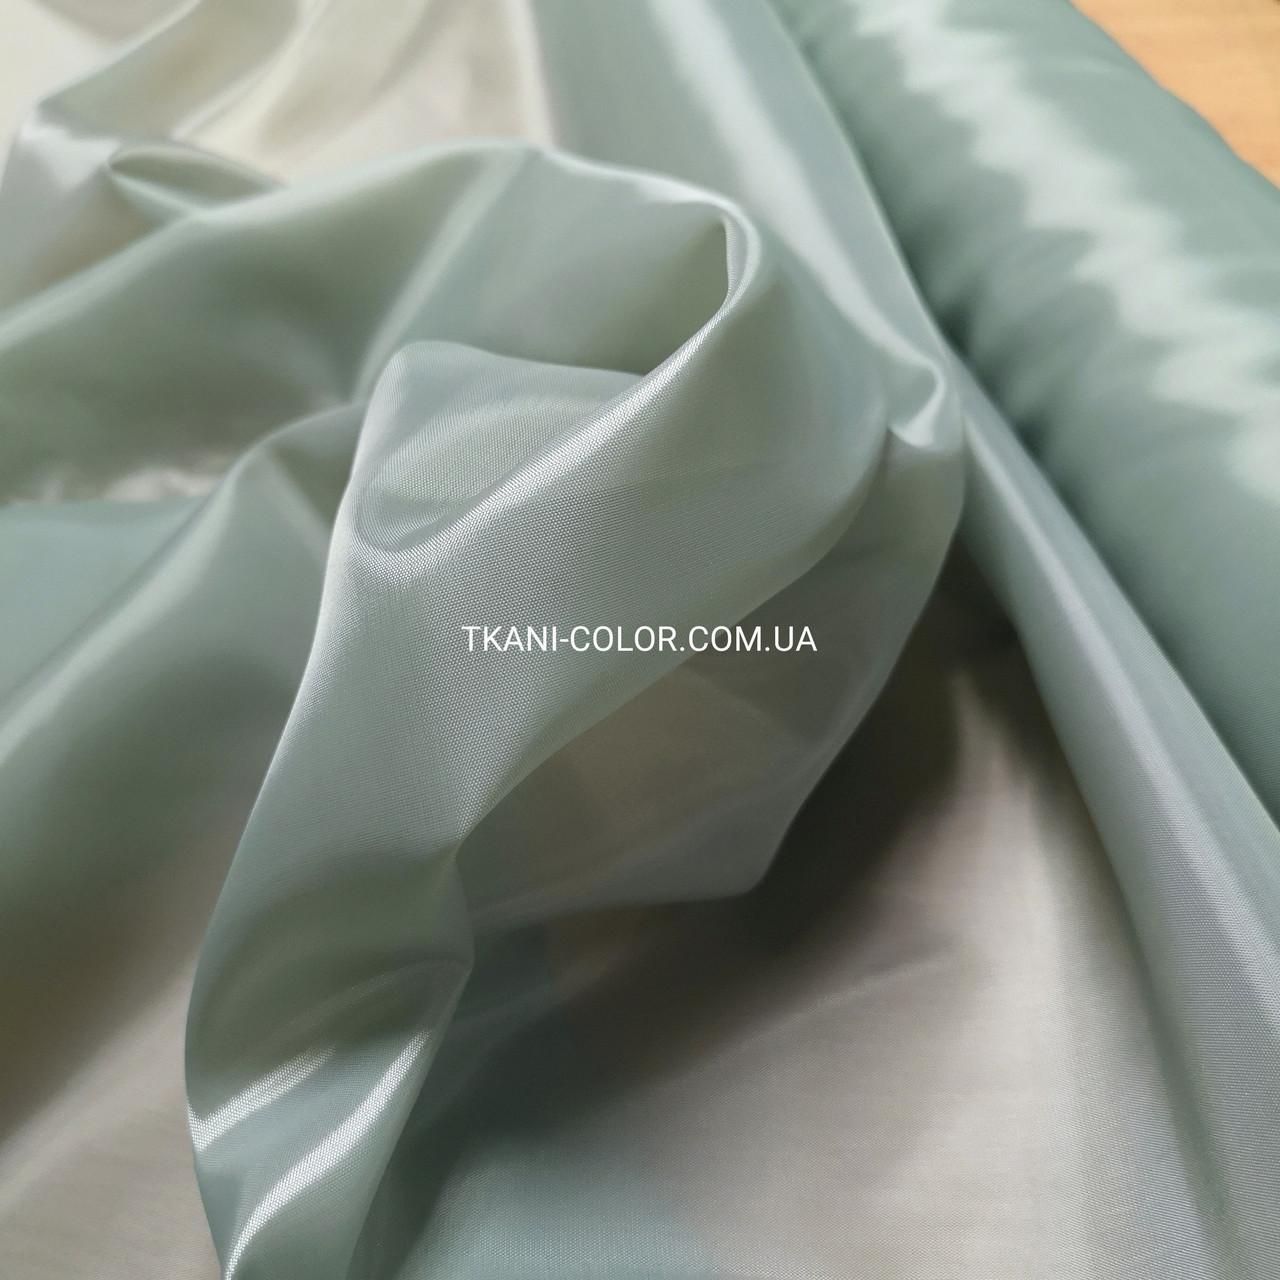 Тканина для підкладки нейлон світло-сірий 170Т